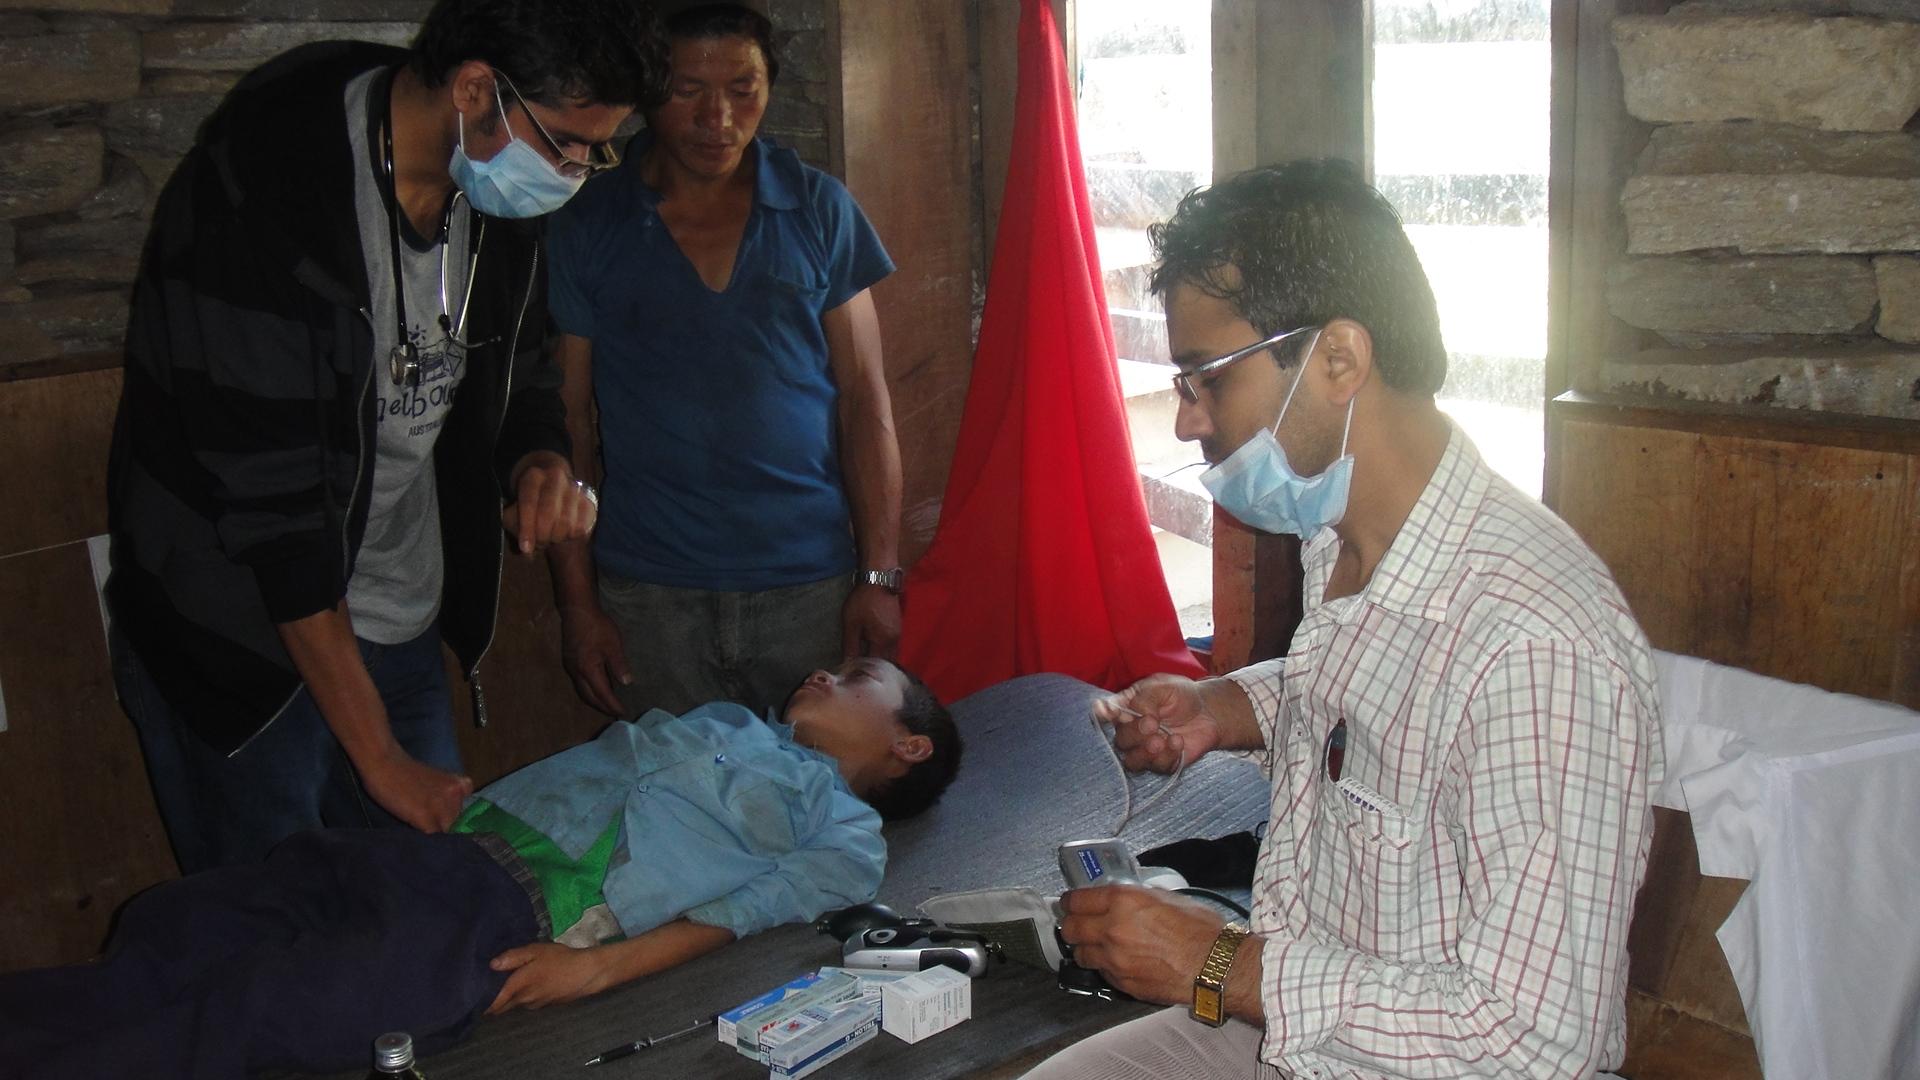 Consultation_Volunteering_Medical_Adventure_Alternative_Nepal.JPG